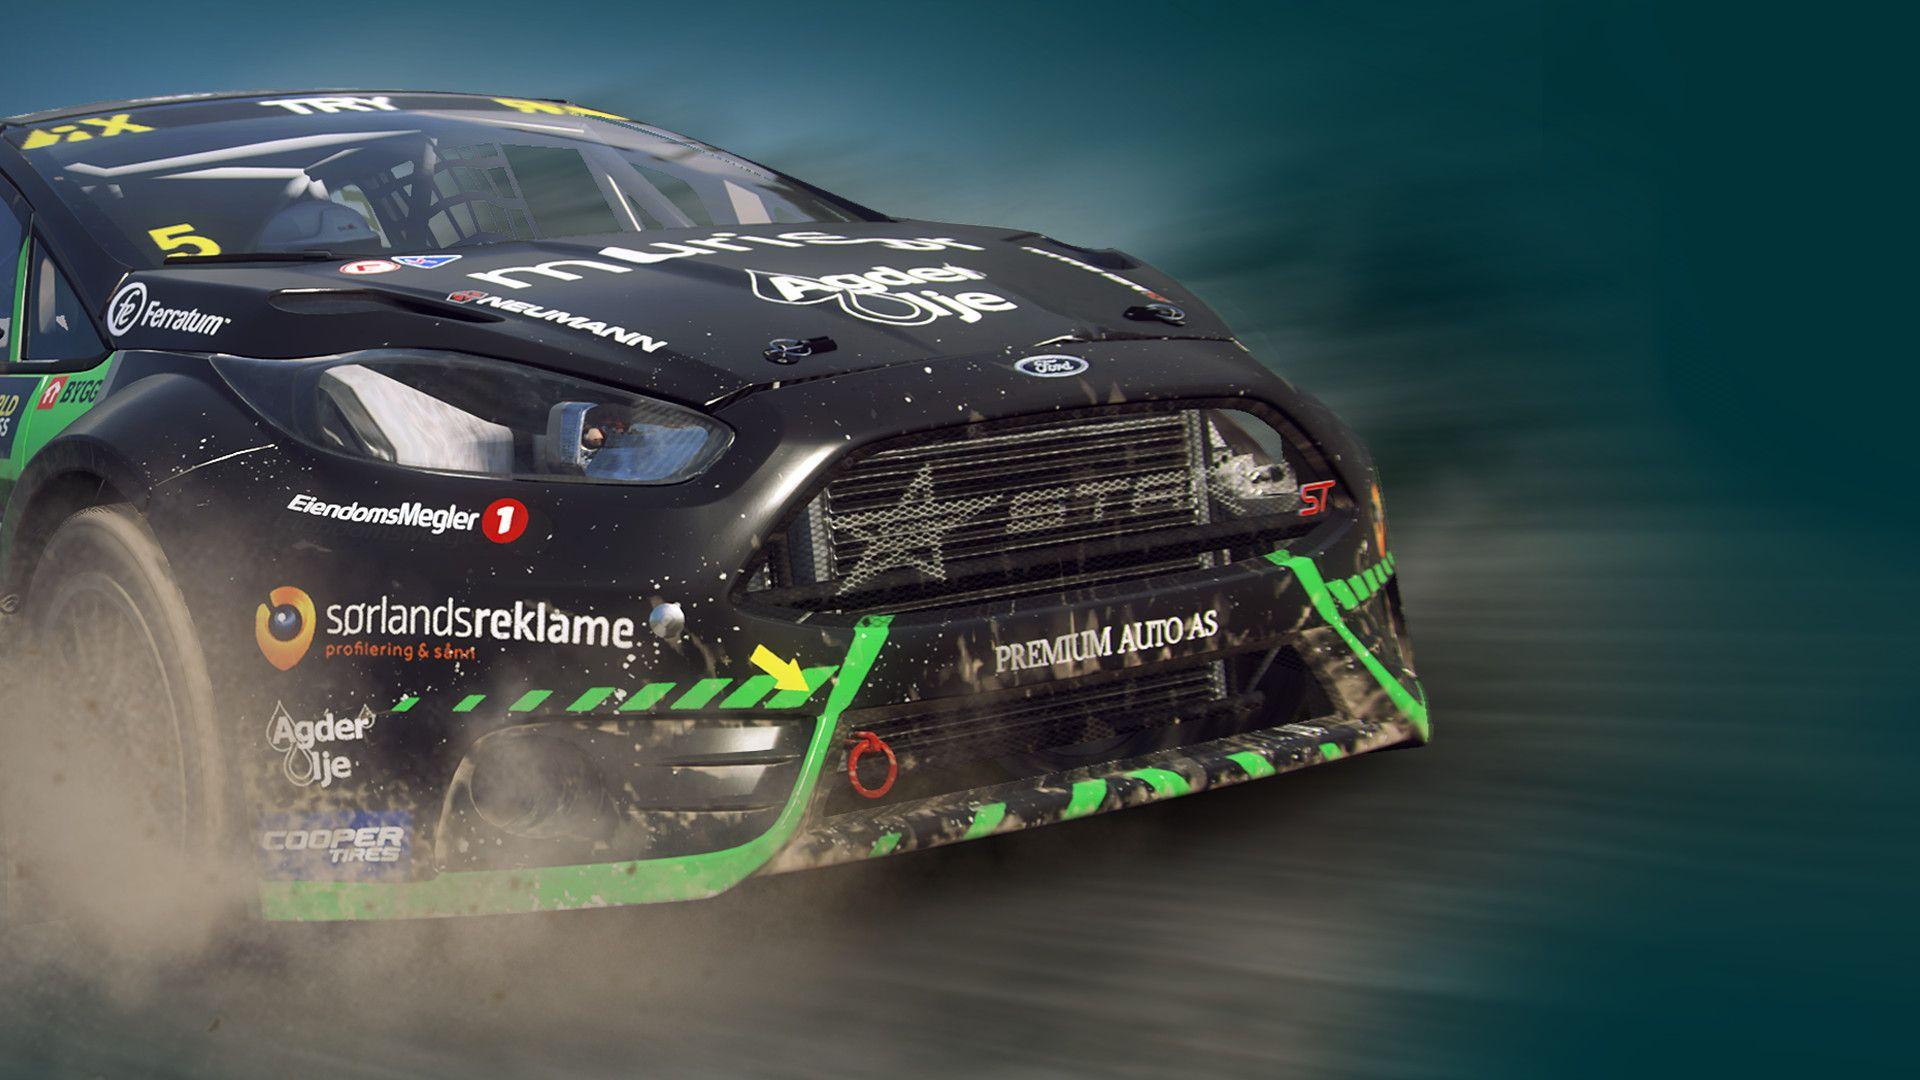 DiRT Rally 2.0 - Ford Fiesta Rallycross (STARD)